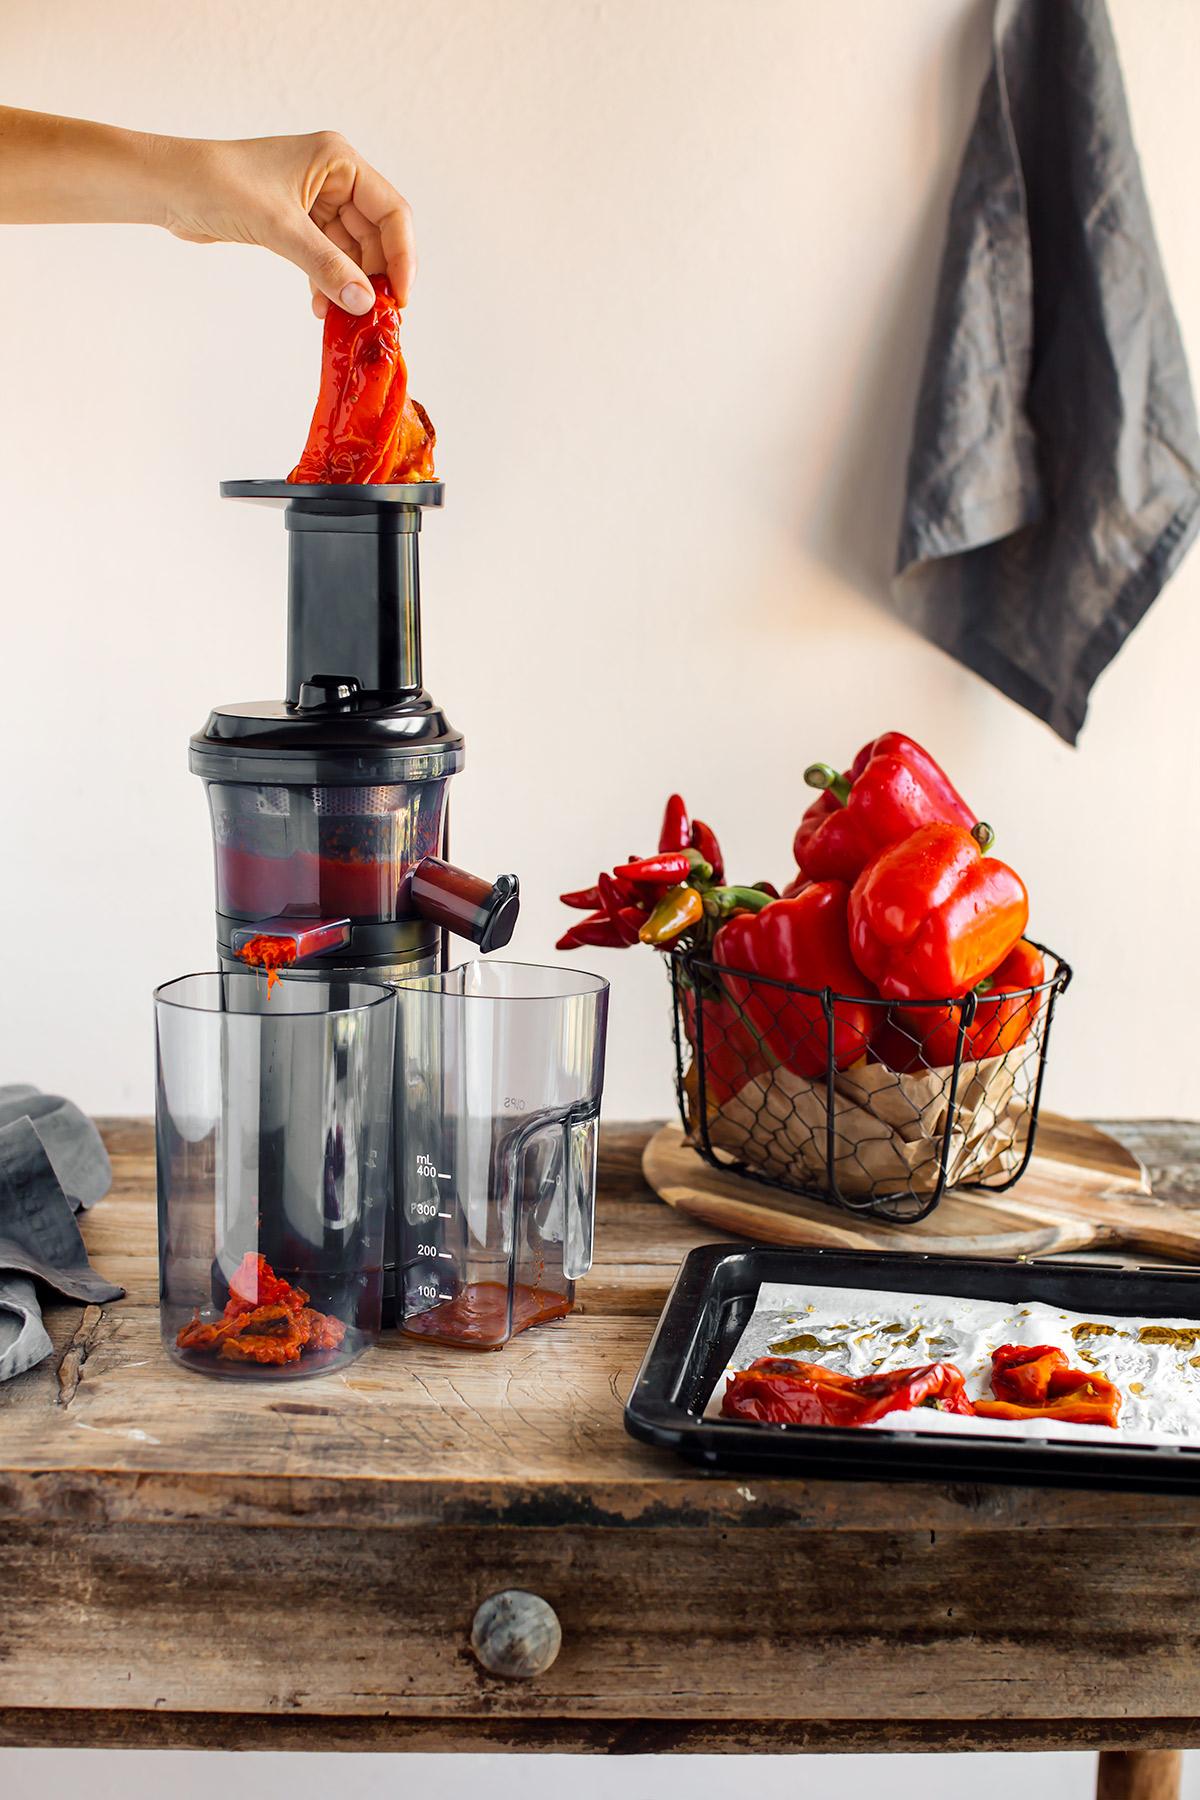 come preparare la pasta conSALSA ai PEPERONI arrostiti creamy vegan ROASTED RED PEPPER PASTA SAUCE